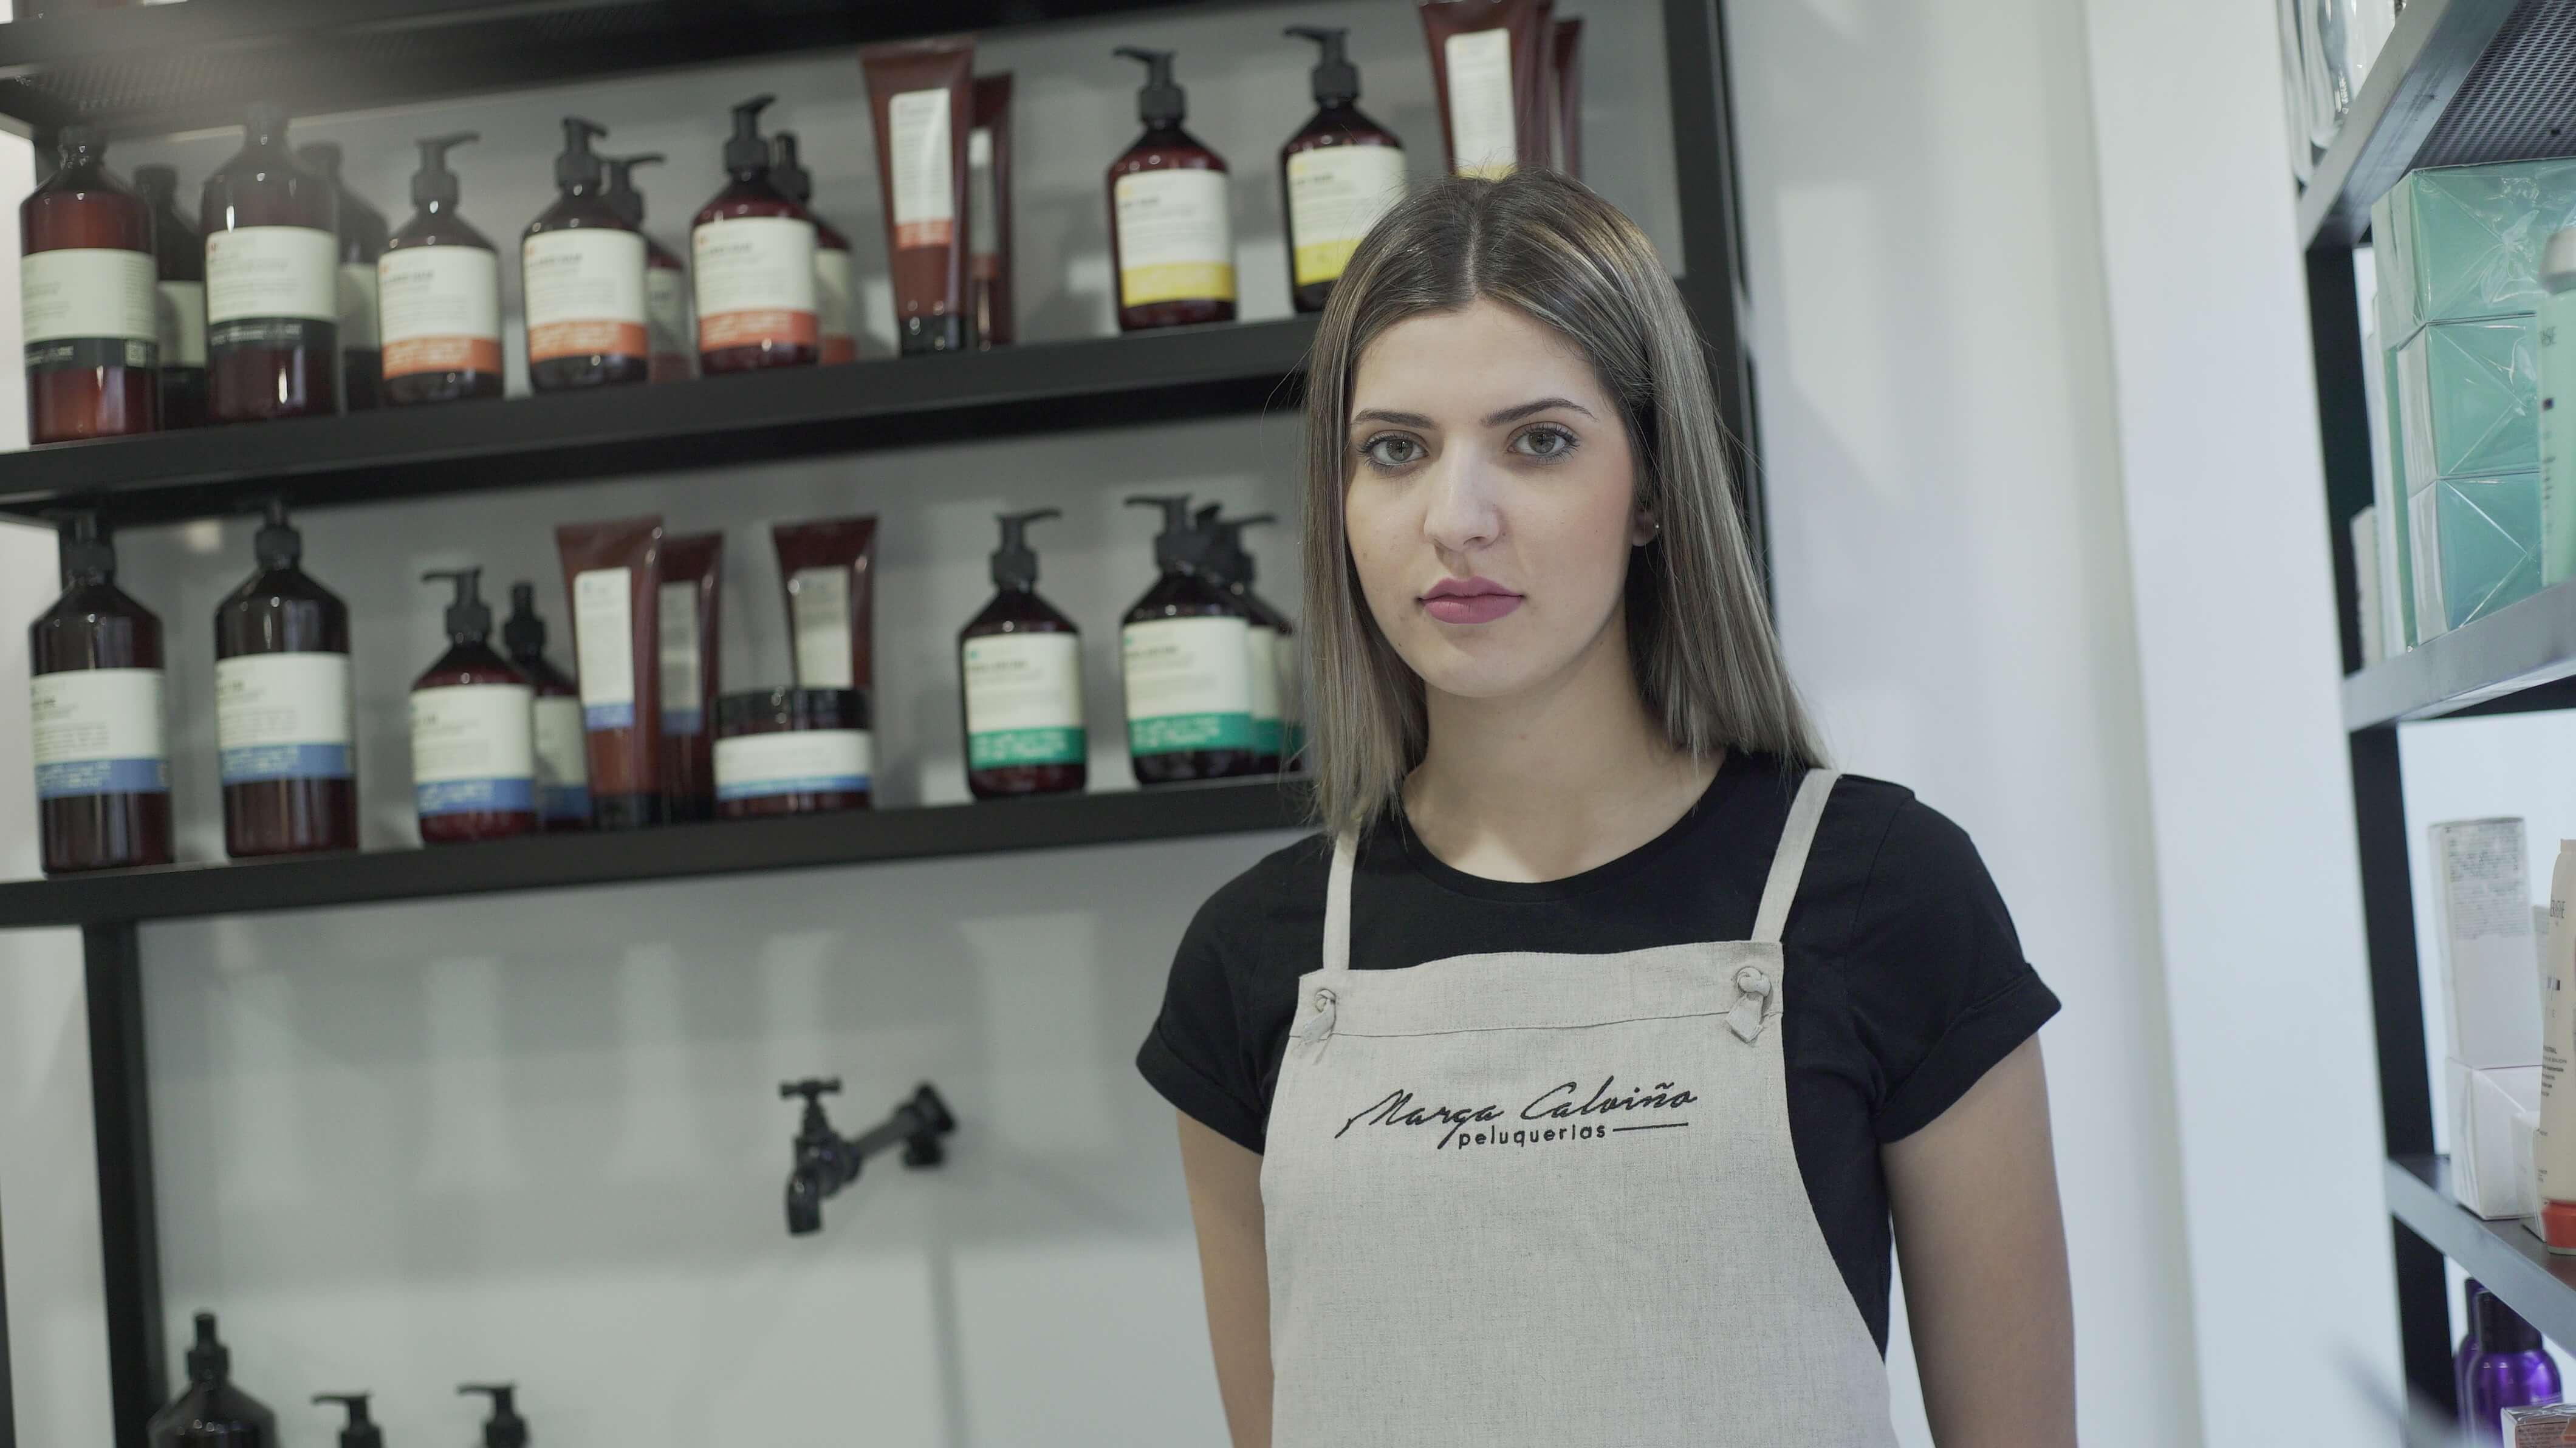 Detalle delantal personalizado Marga Calviño